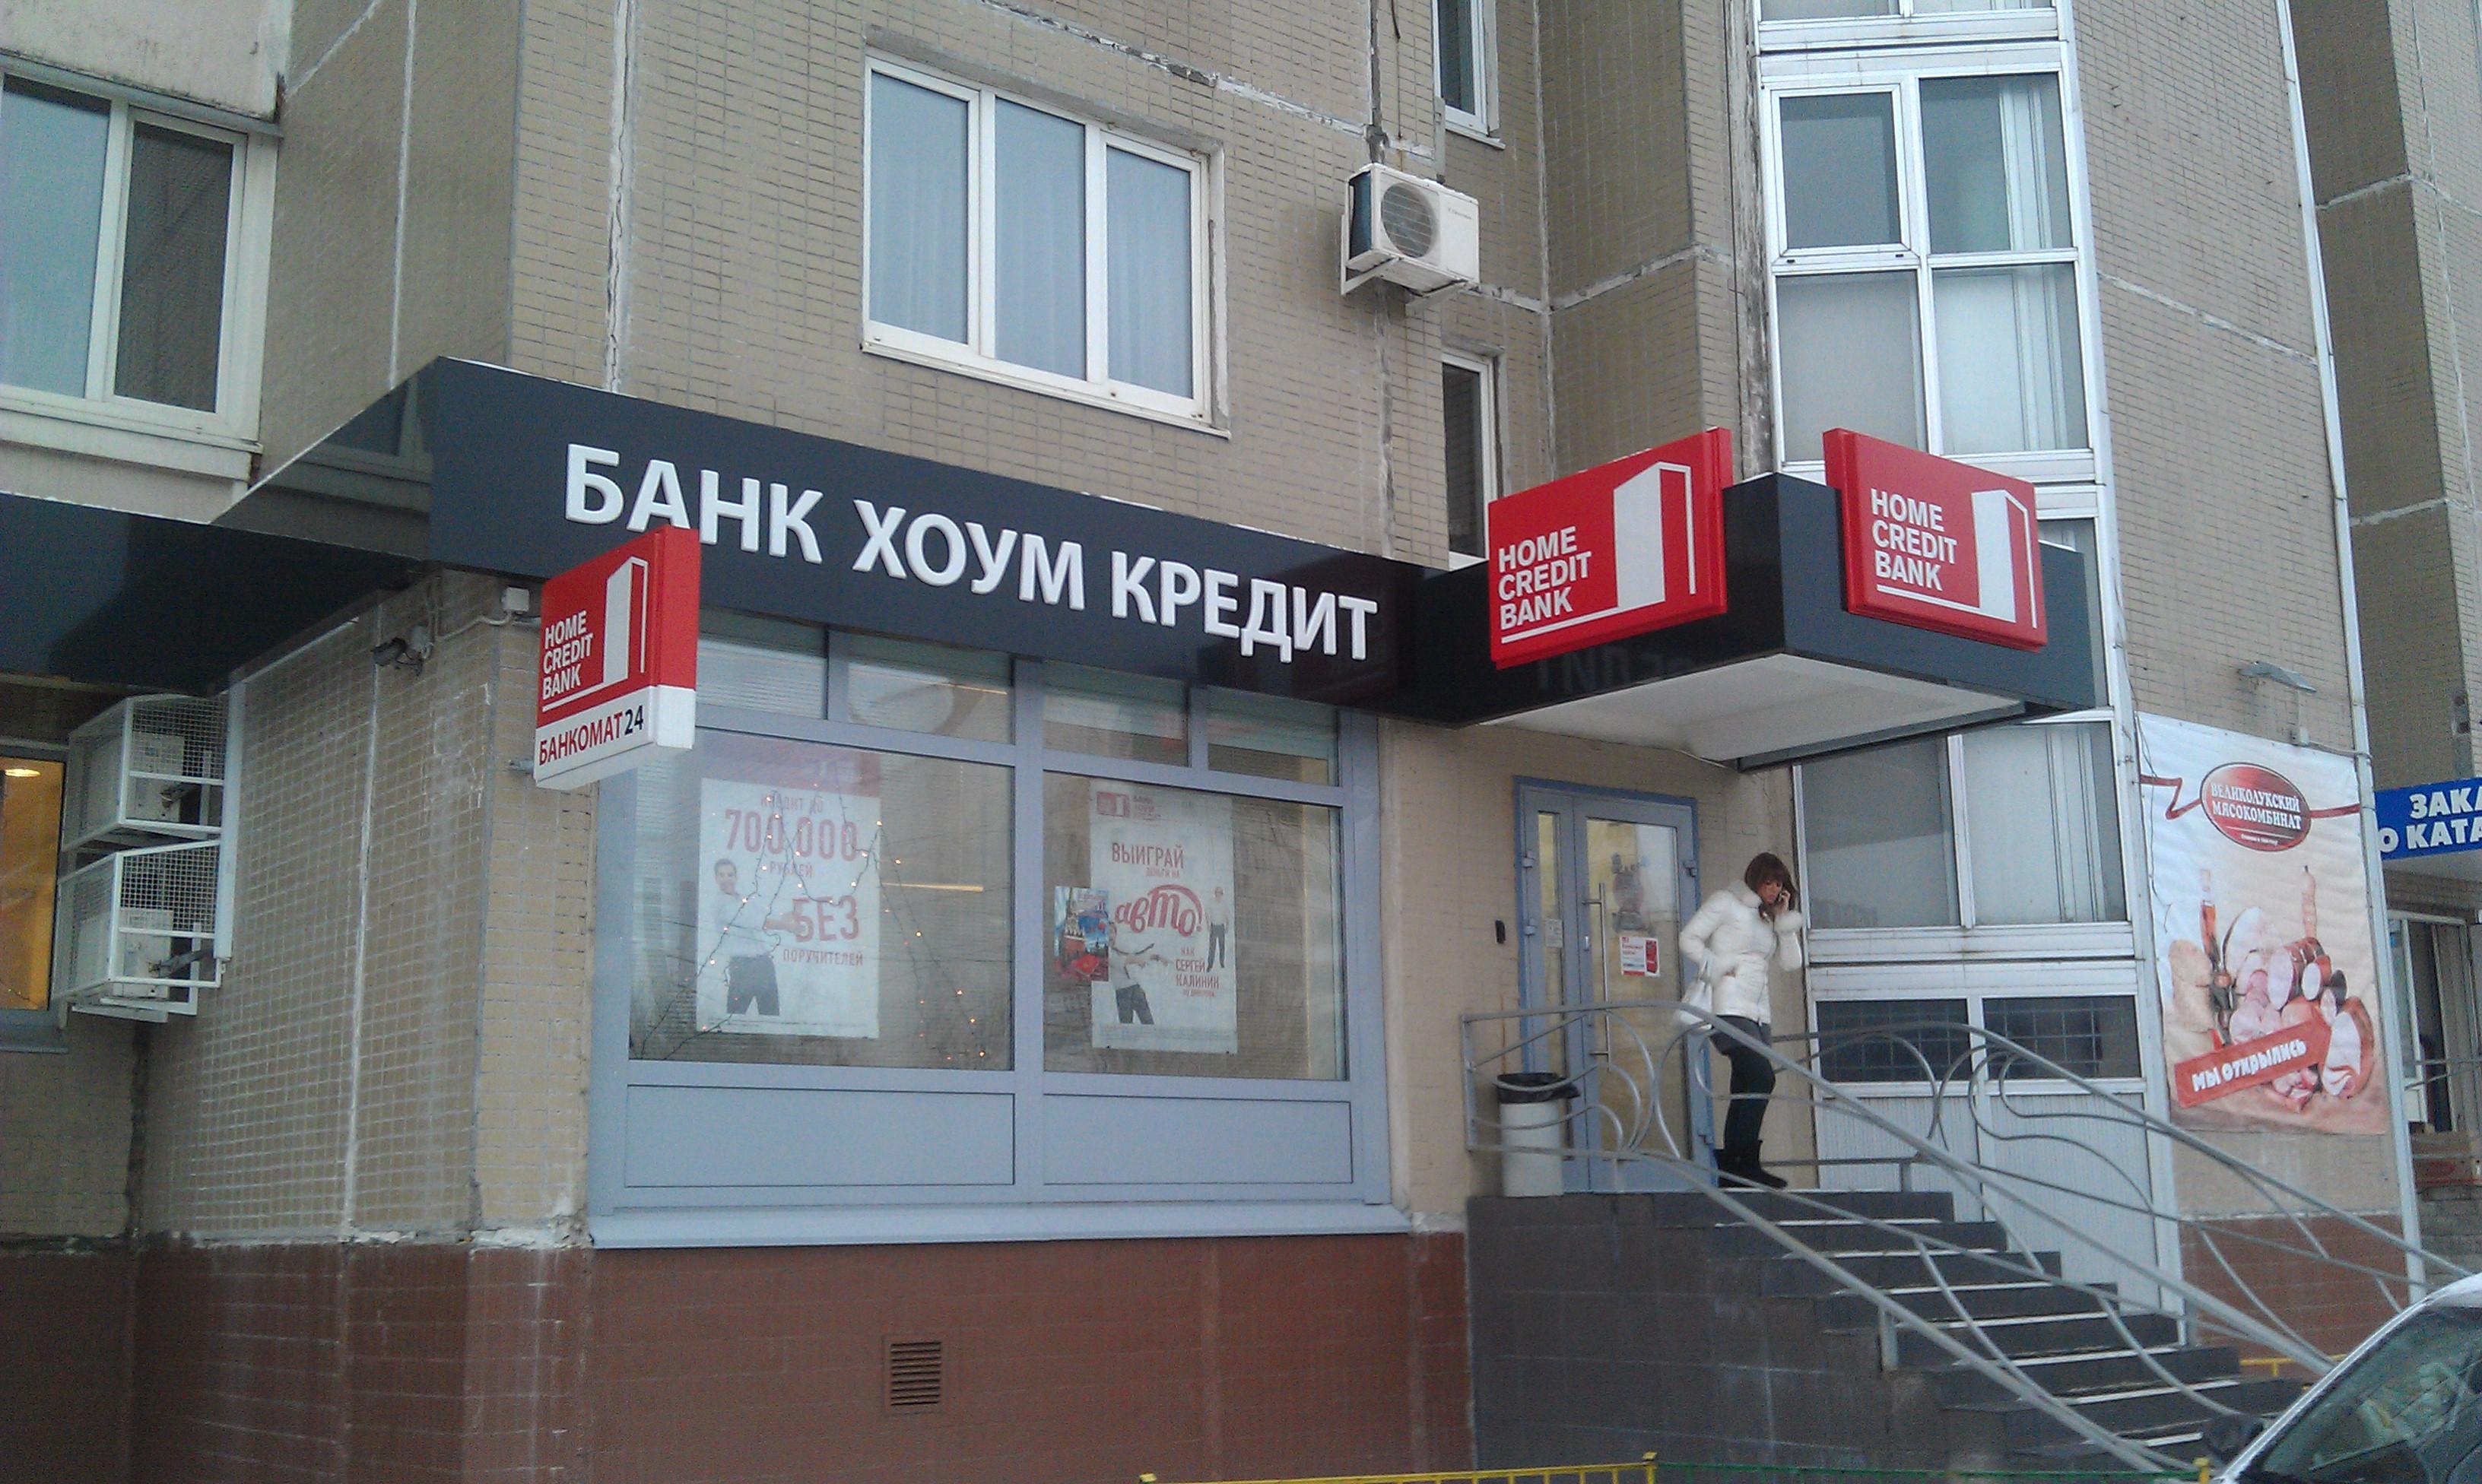 Банк хоум кредит в южно-сахалинске